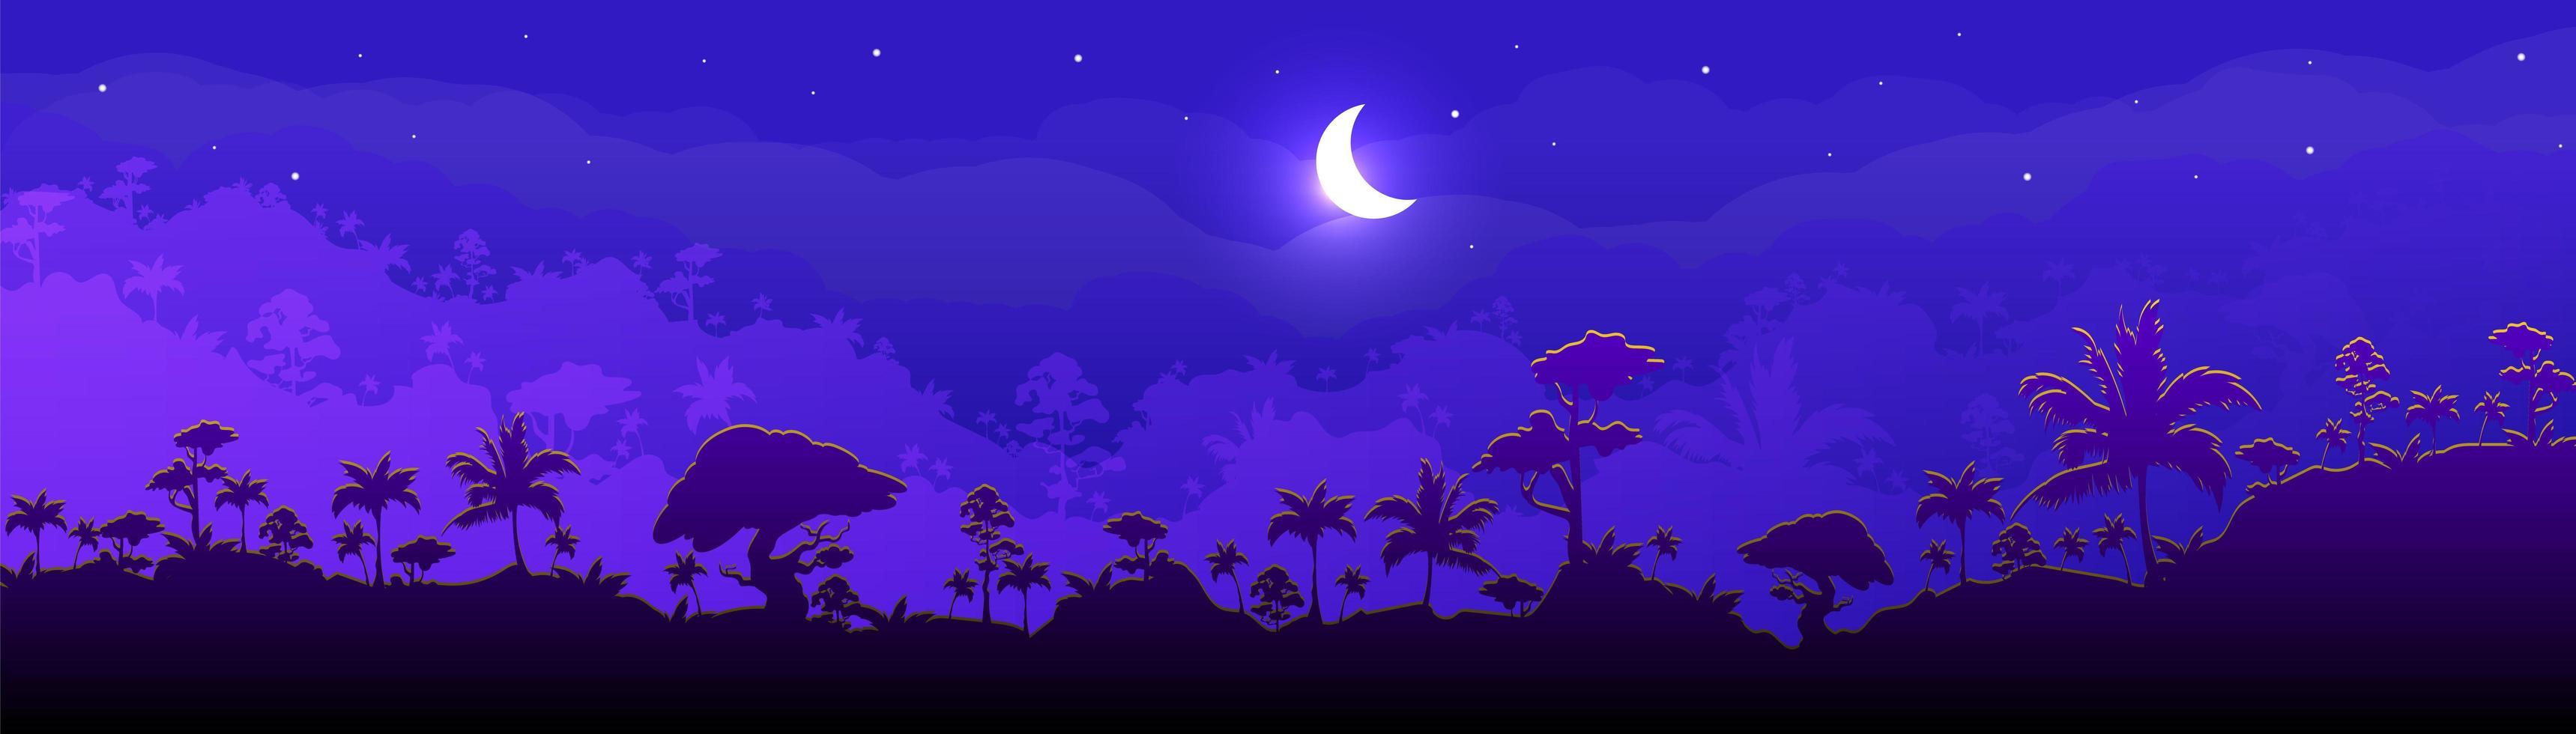 Nachtwaldlandschaft vektor